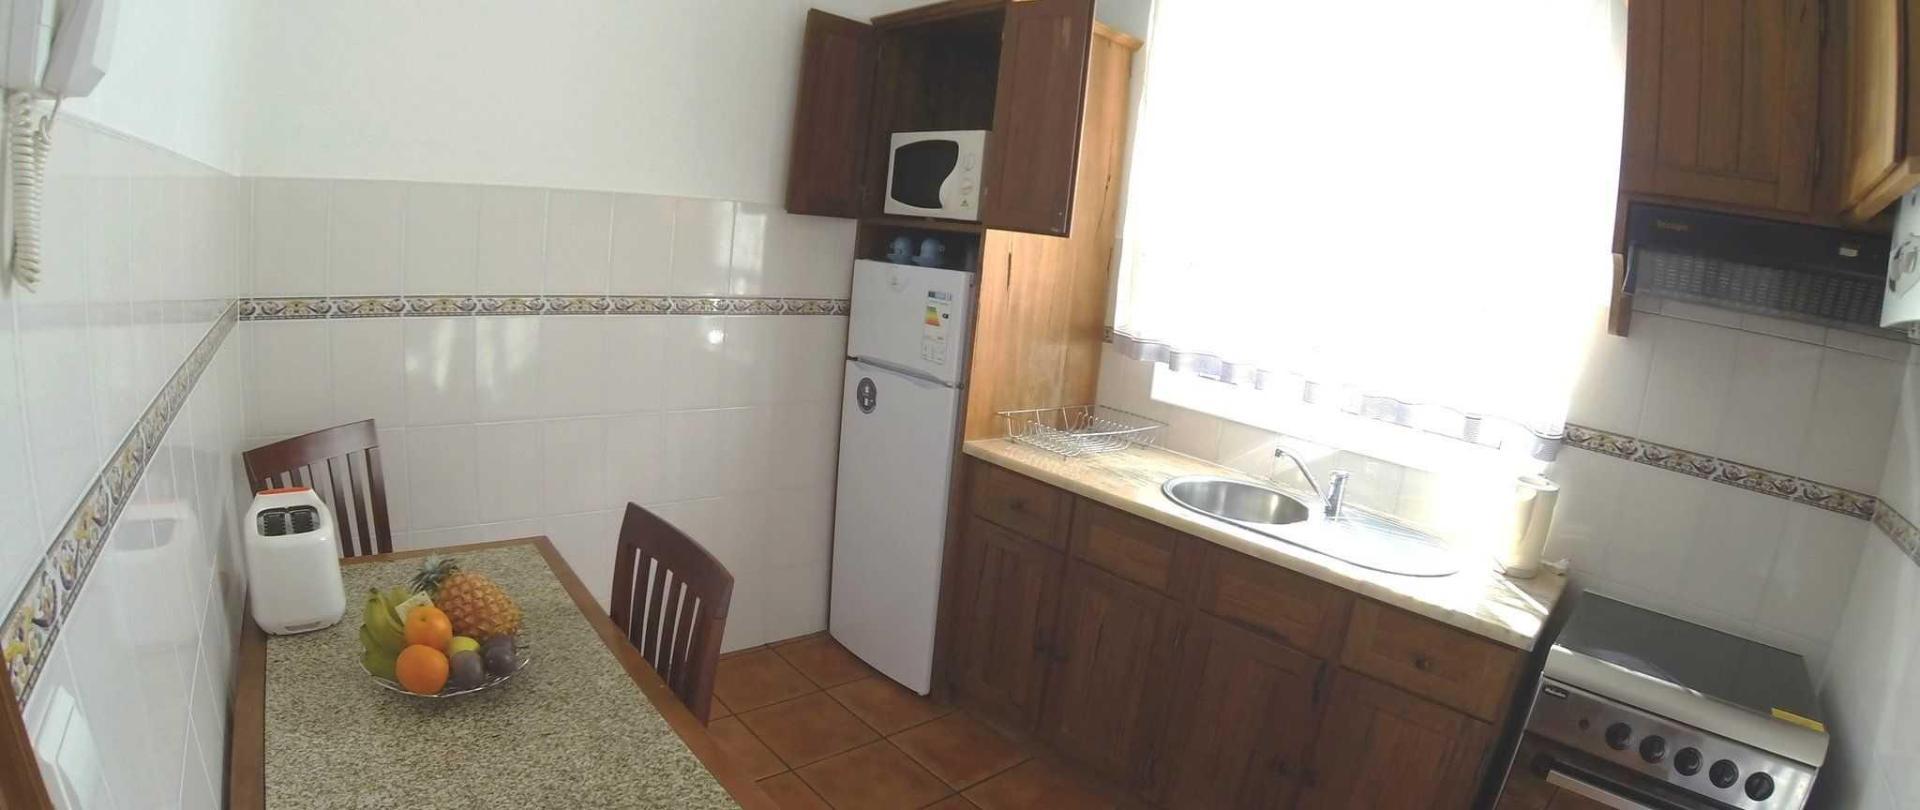 3-ap2-cozinha.JPG